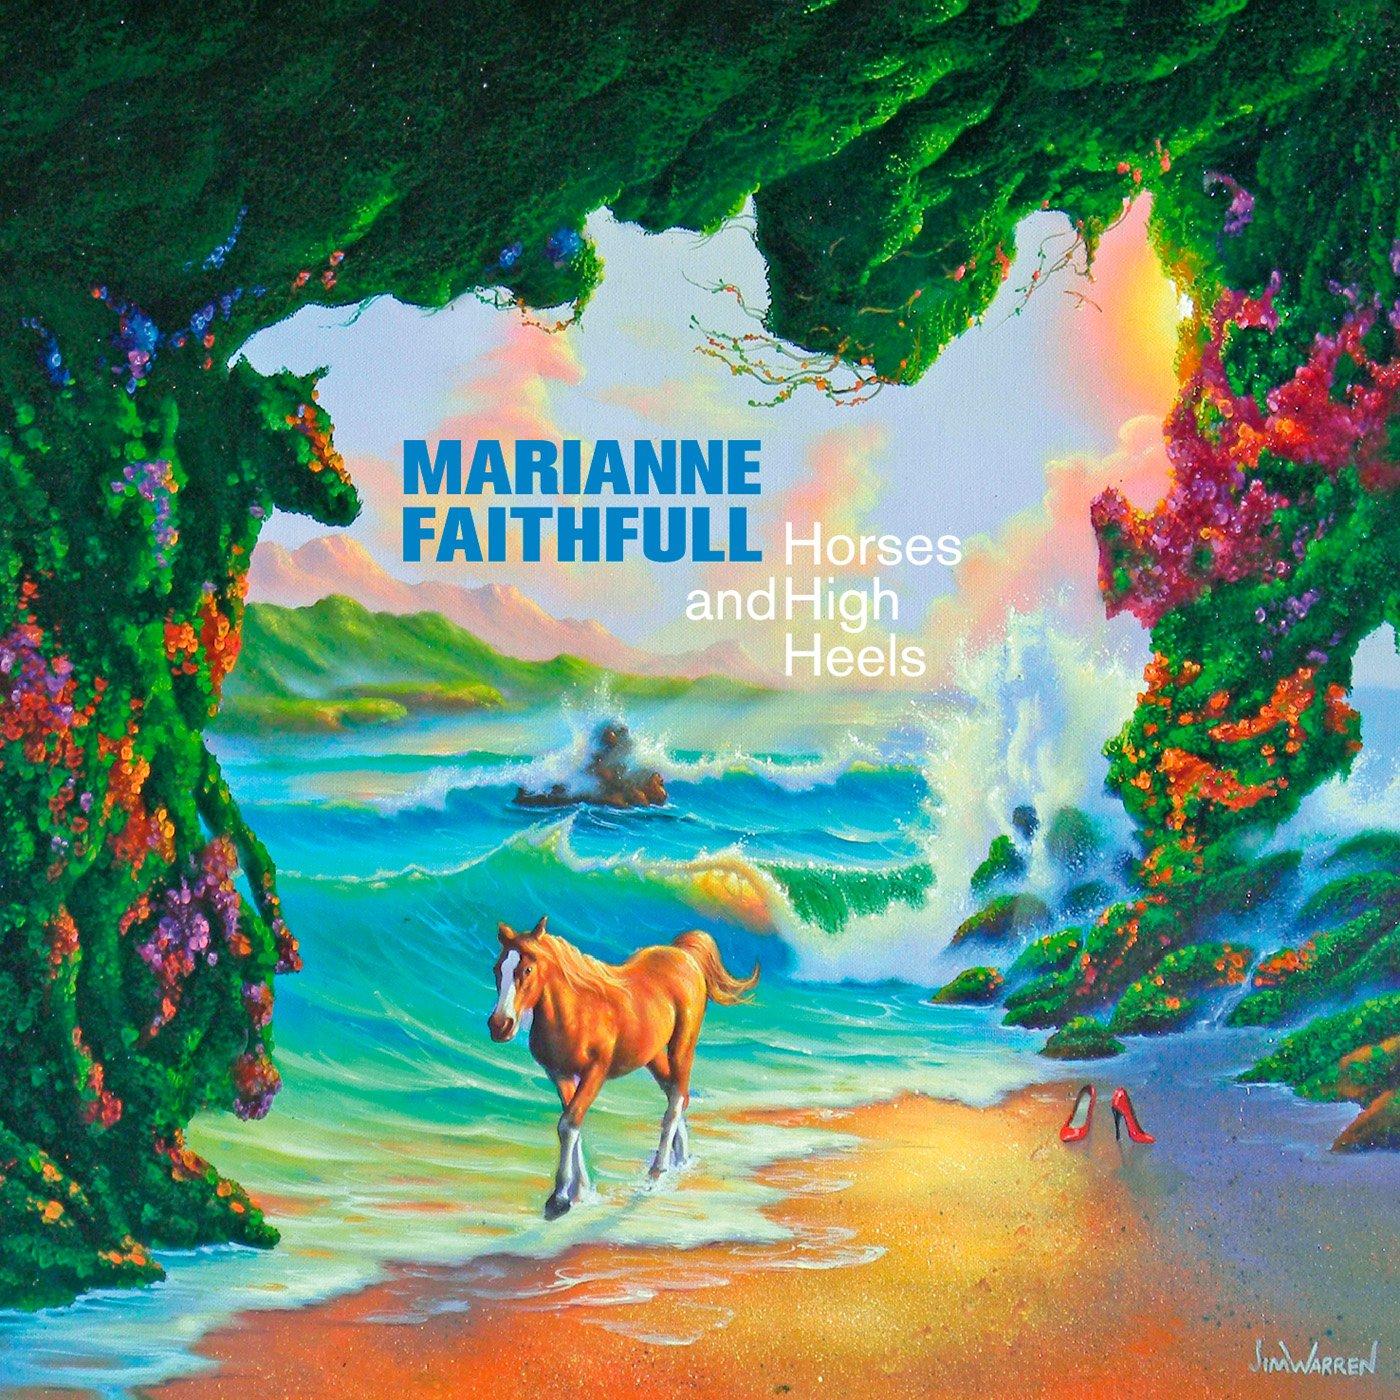 Marianne Faithfull, Horses and High Heels